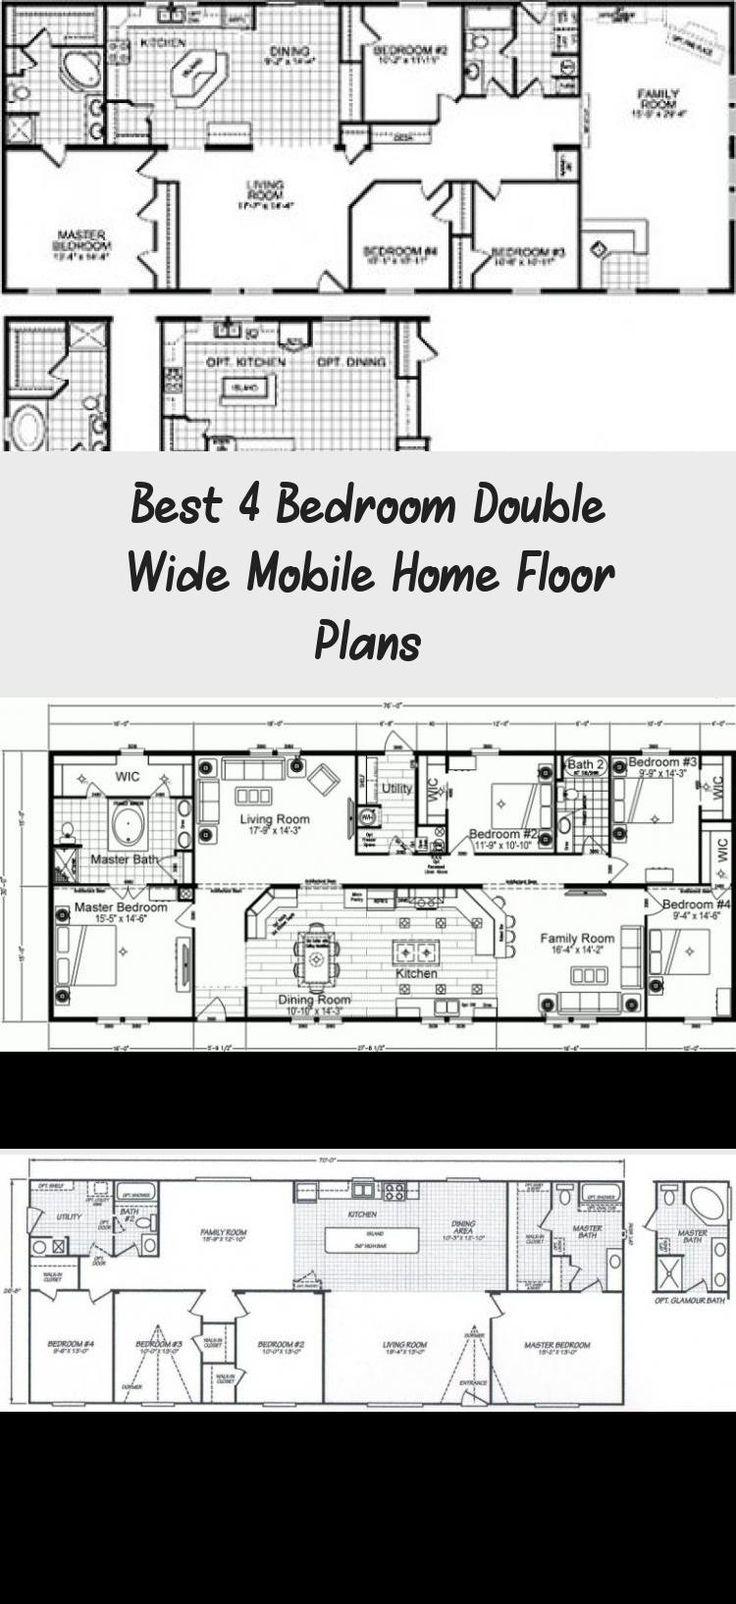 Double Wide Floor Plans 4 Bedroom - Google Search ...